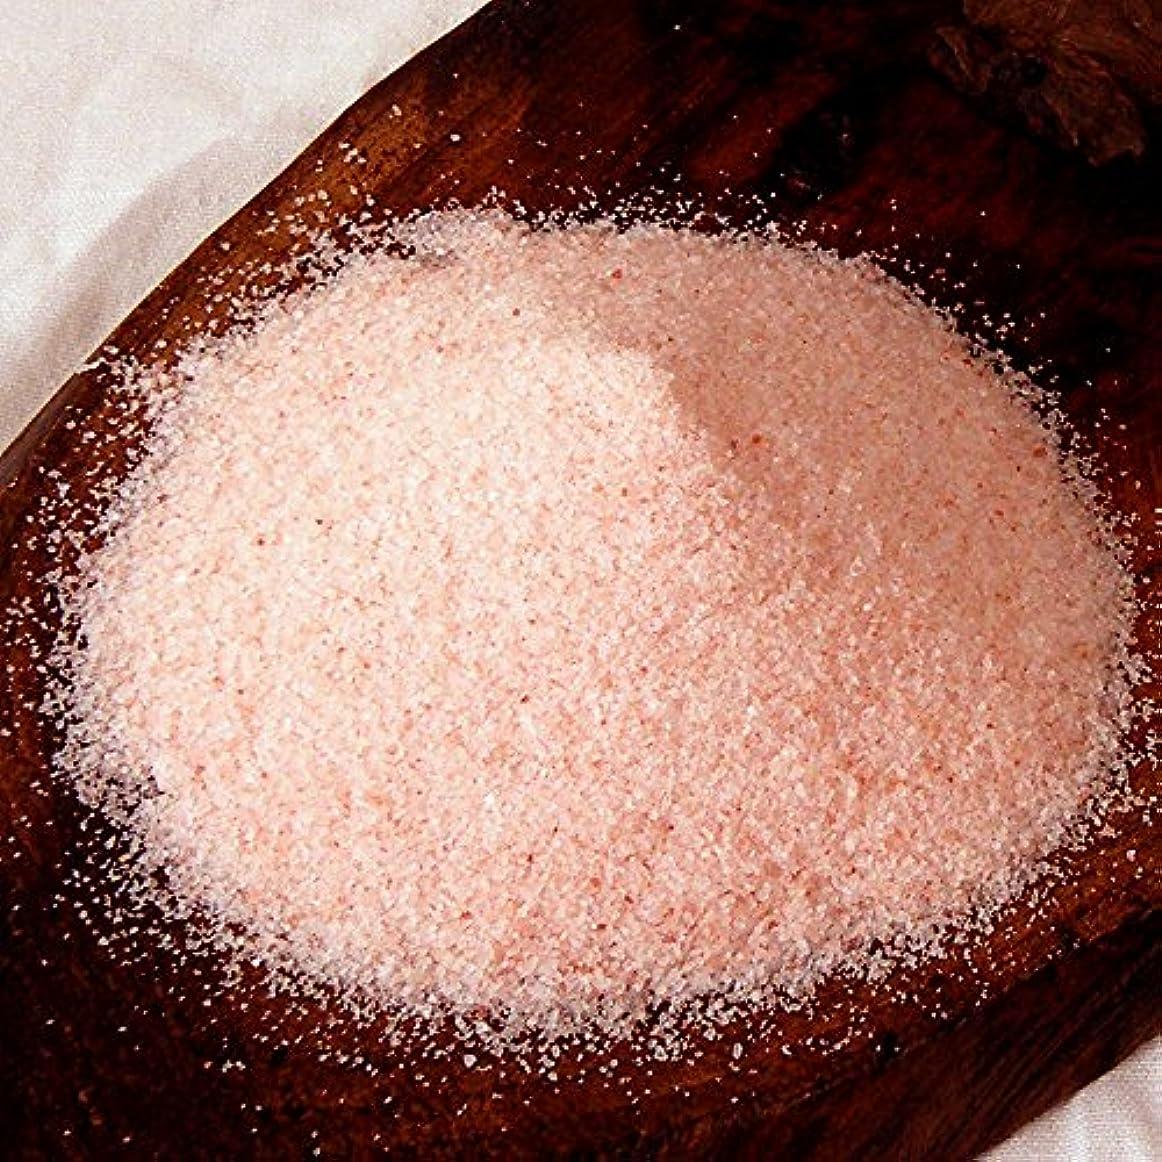 カウントアルコール流ヒマラヤ岩塩 バスソルト ローズソルト 溶けやすい細粒タイプ 5kg 塩洗顔にも 【保管に便利な1kg×5パック】